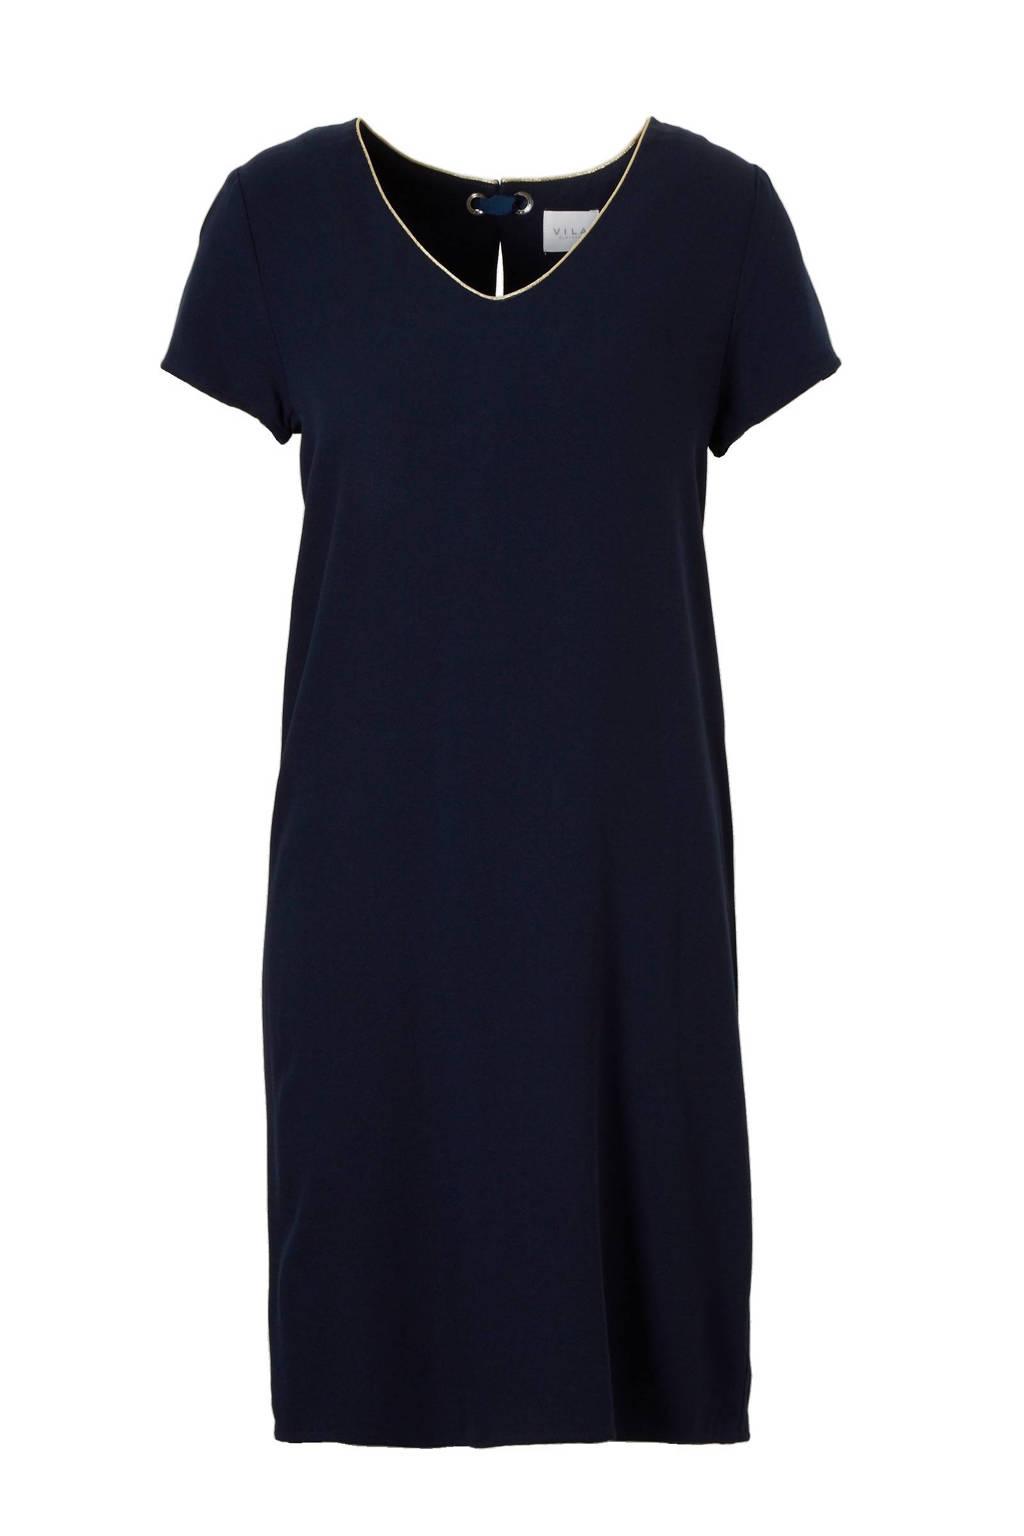 VILA jurk met strikveter, Donkerblauw